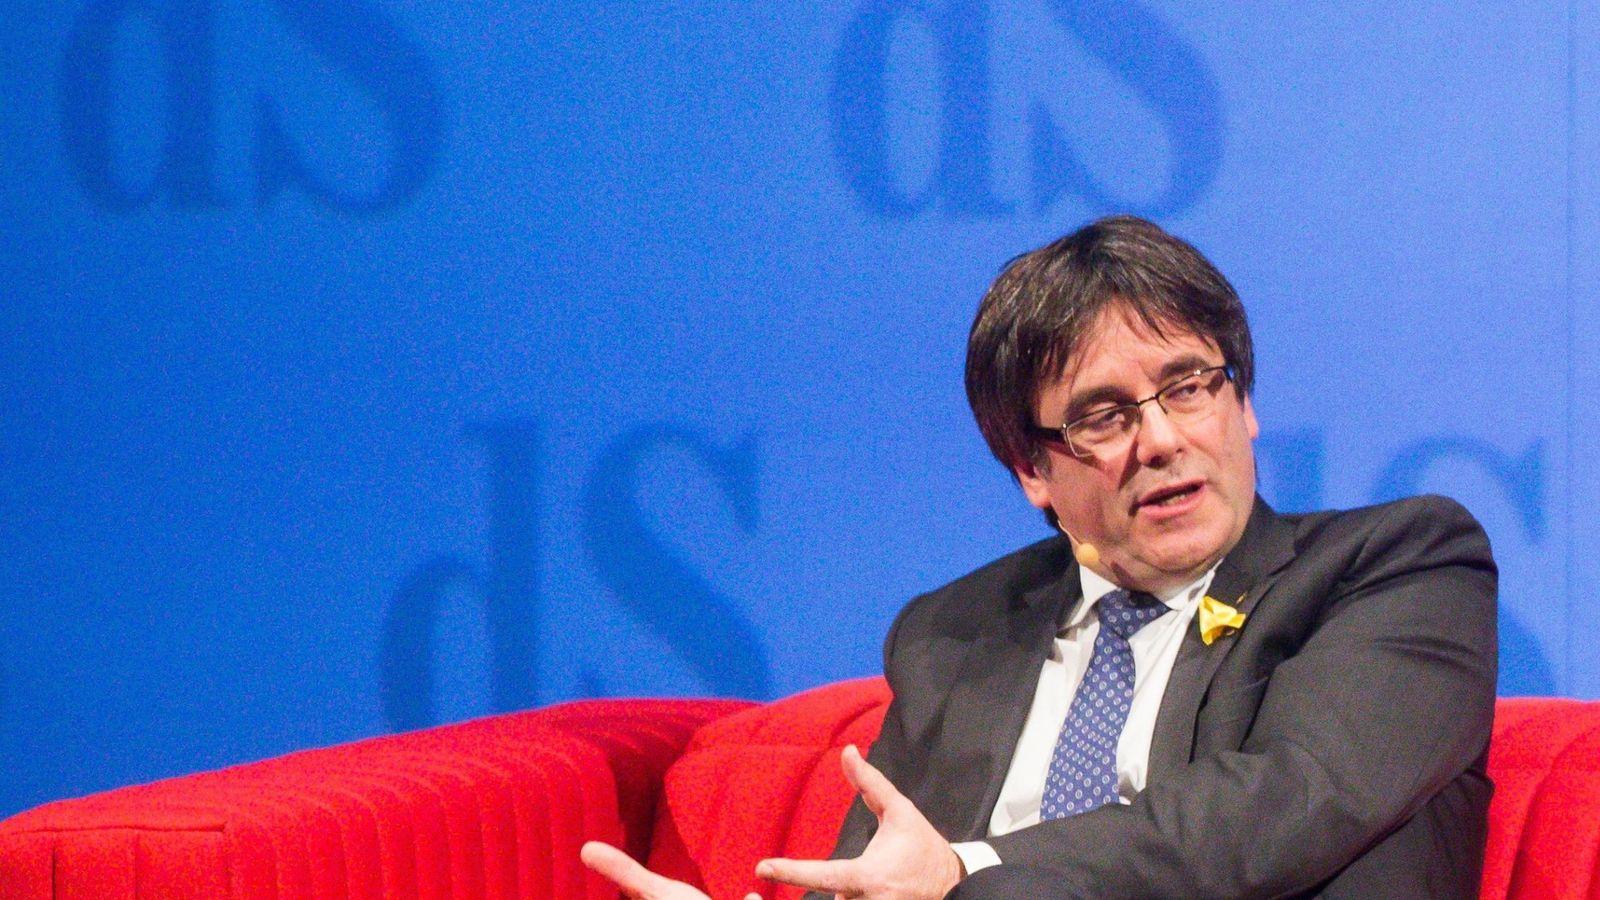 Foto: El 'expresident' Carles Puigdemont en una conferencia concedida el pasado 2 de dicembre. (Reuters)